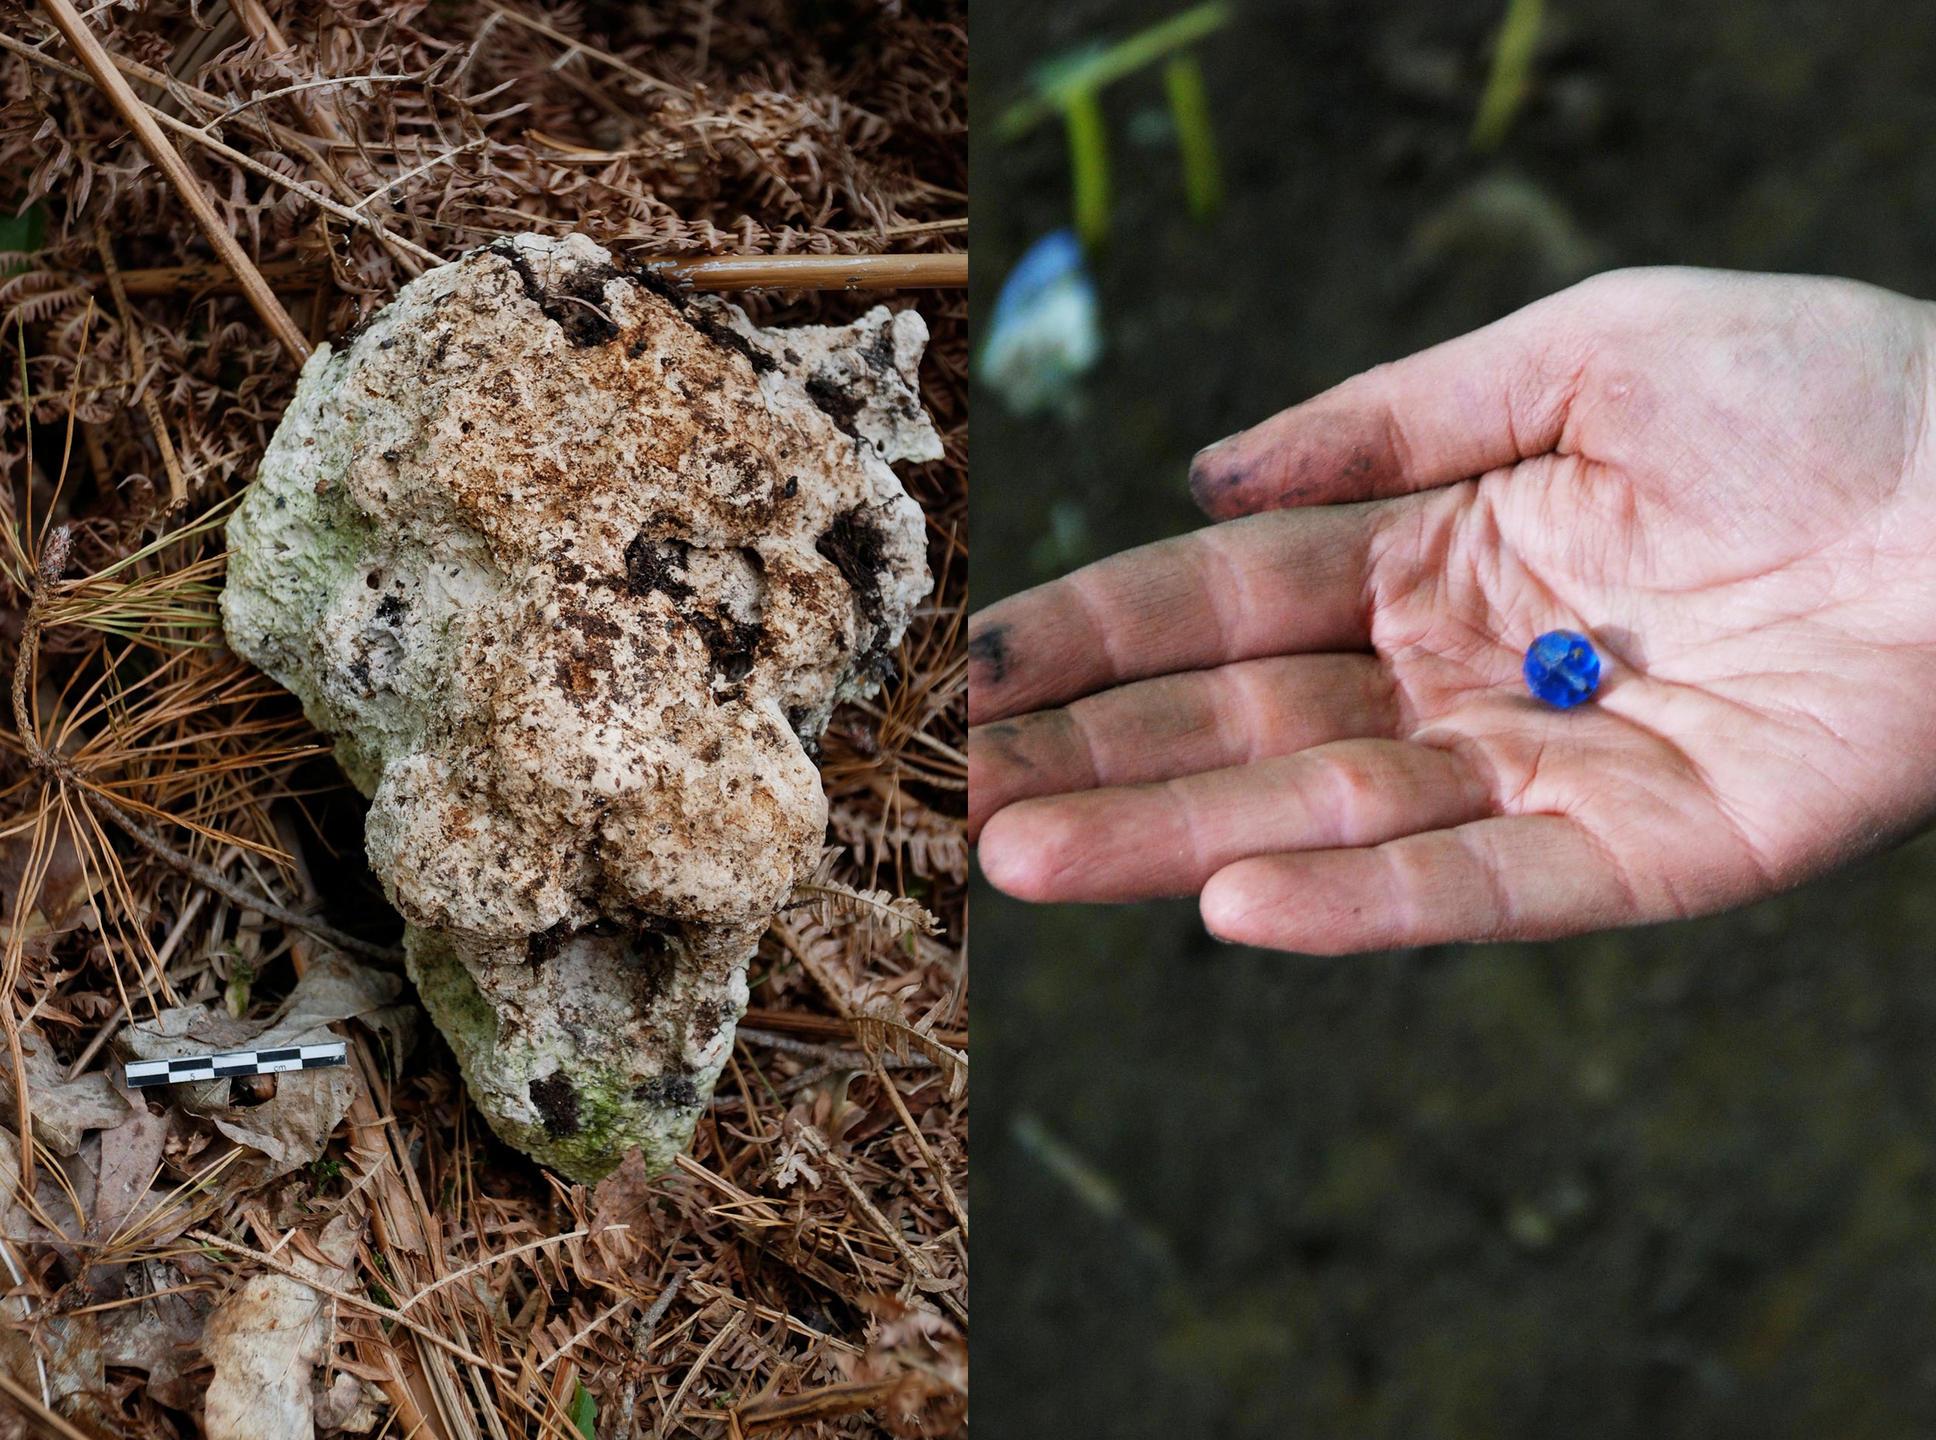 Découverts dans la zone de fouille : à gauche, les restes de la tête de lion en plâtre sculptée, élément du décor du film, et, à droite, une perle bleue tombée de l'un des magnifiques costumes de Peau d'âne. Olivier Weller / LookatSciences